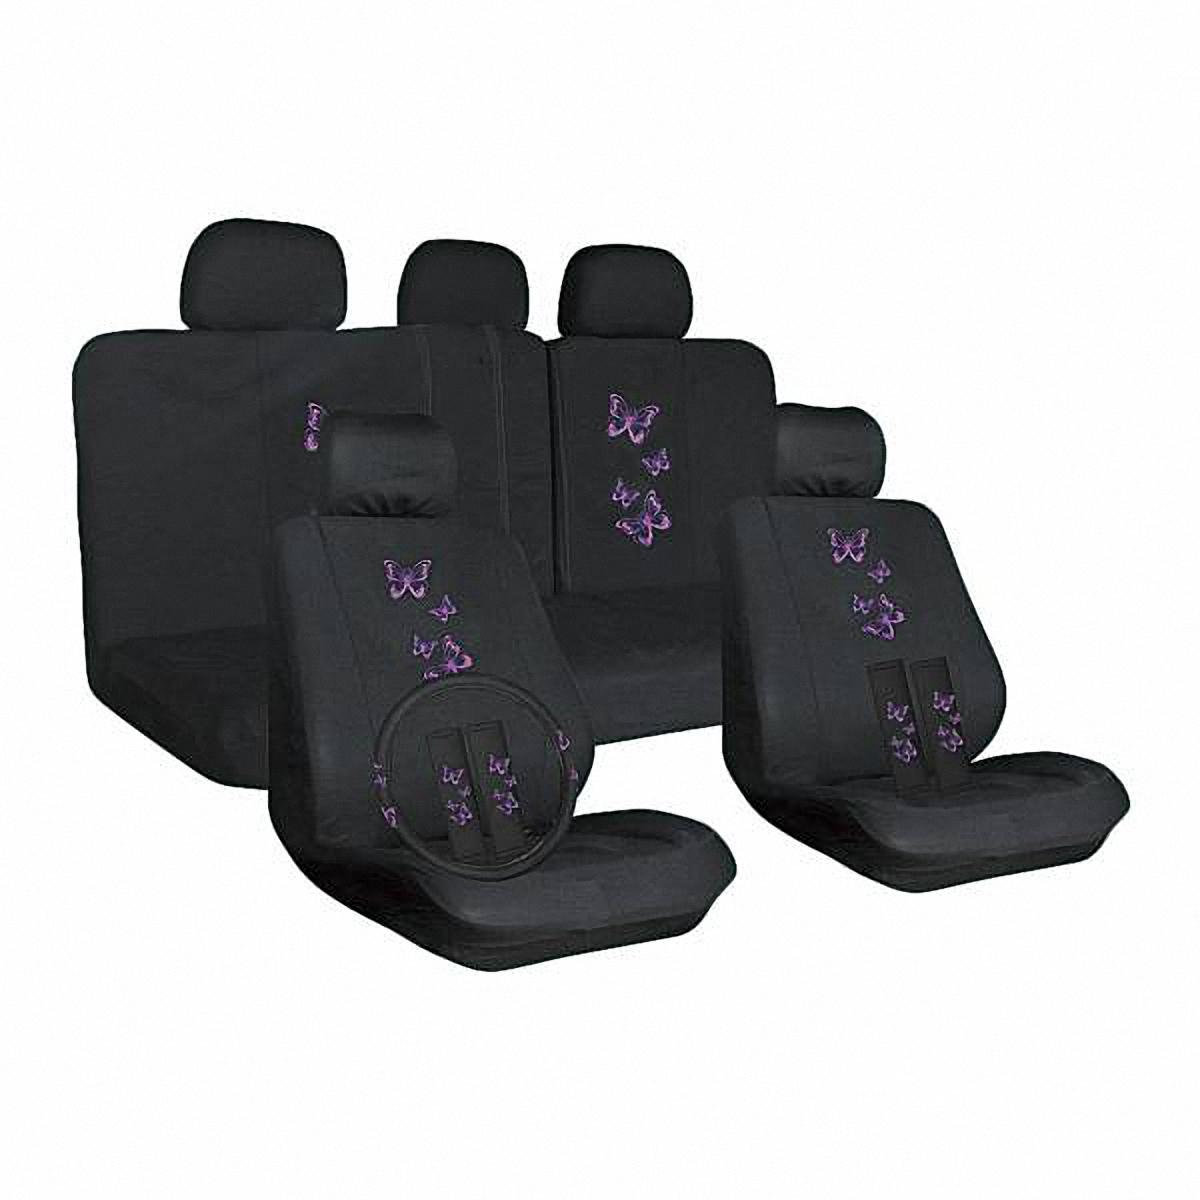 Набор автомобильных чехлов Skyway. S01301146FS-80423Комплект классических универсальных автомобильных чехлов Skyway S01301146 изготовлен из полиэстера. Чехлы защитят обивку сидений от вытирания и выцветания. Благодаря структуре ткани, обеспечивается улучшенная вентиляция кресел, что позволяет сделать более комфортными долгое пребывание за рулем во время дальней поездки.В комплекте оплетка, чехлы на ремни безопасности.